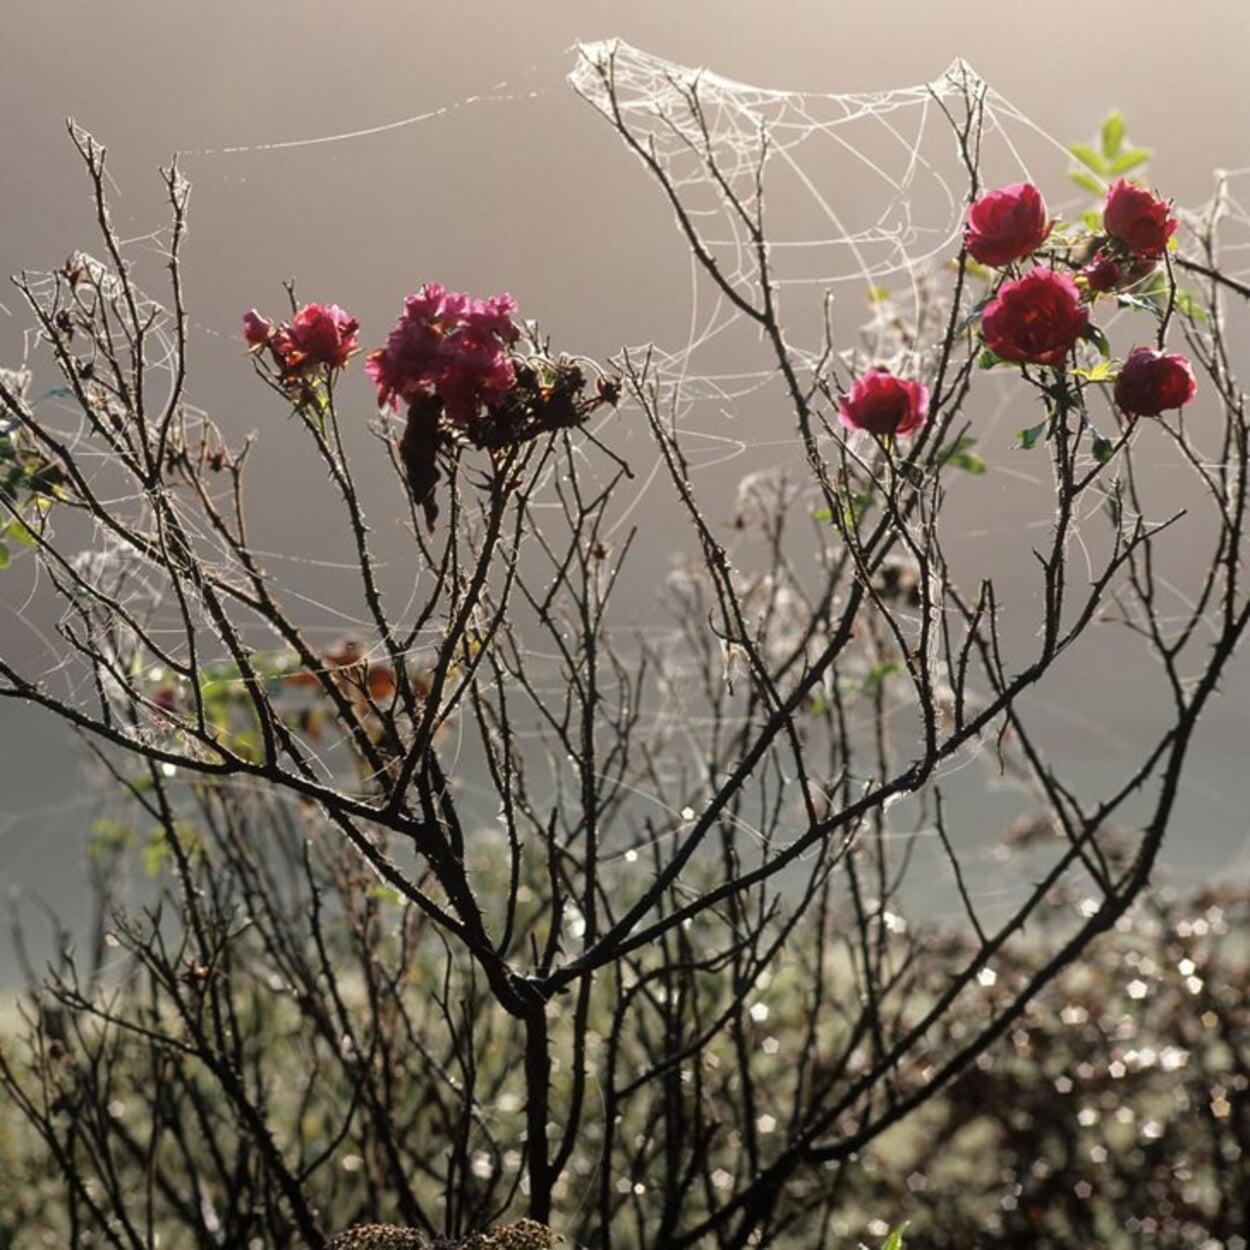 ... unter anderem weil einige Strauchrosen bis weit in den Herbst blühen